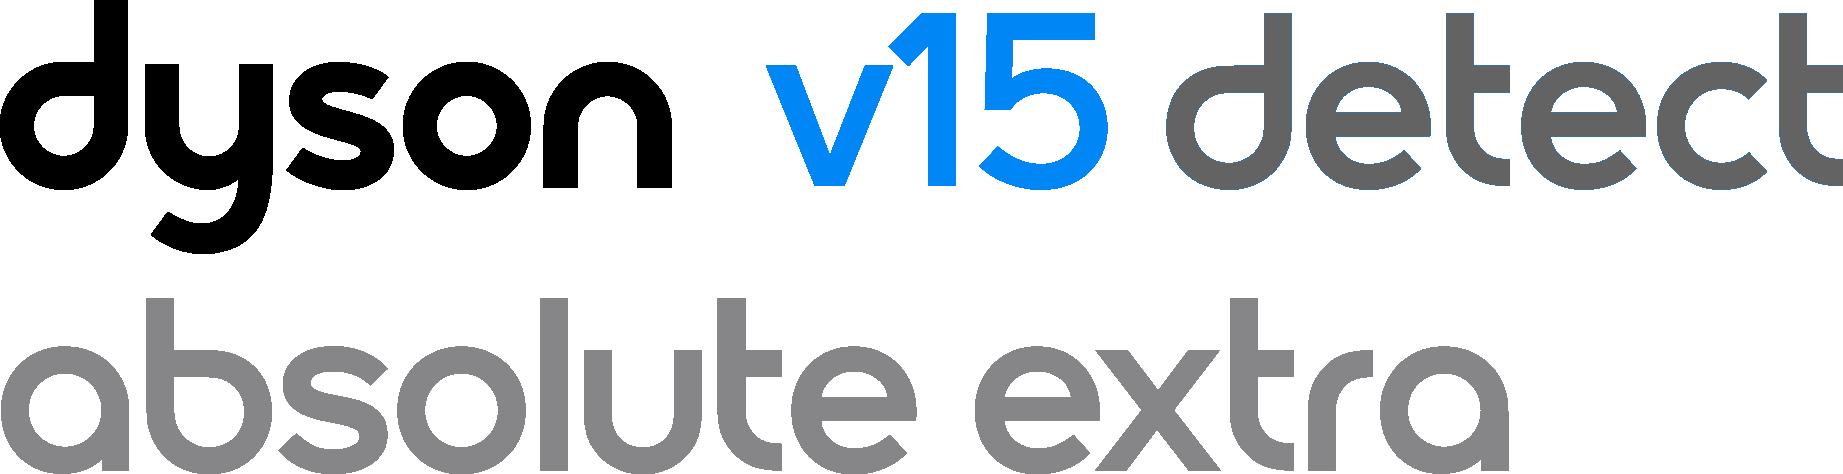 Dyson V15 Detect Absolute Extra logo